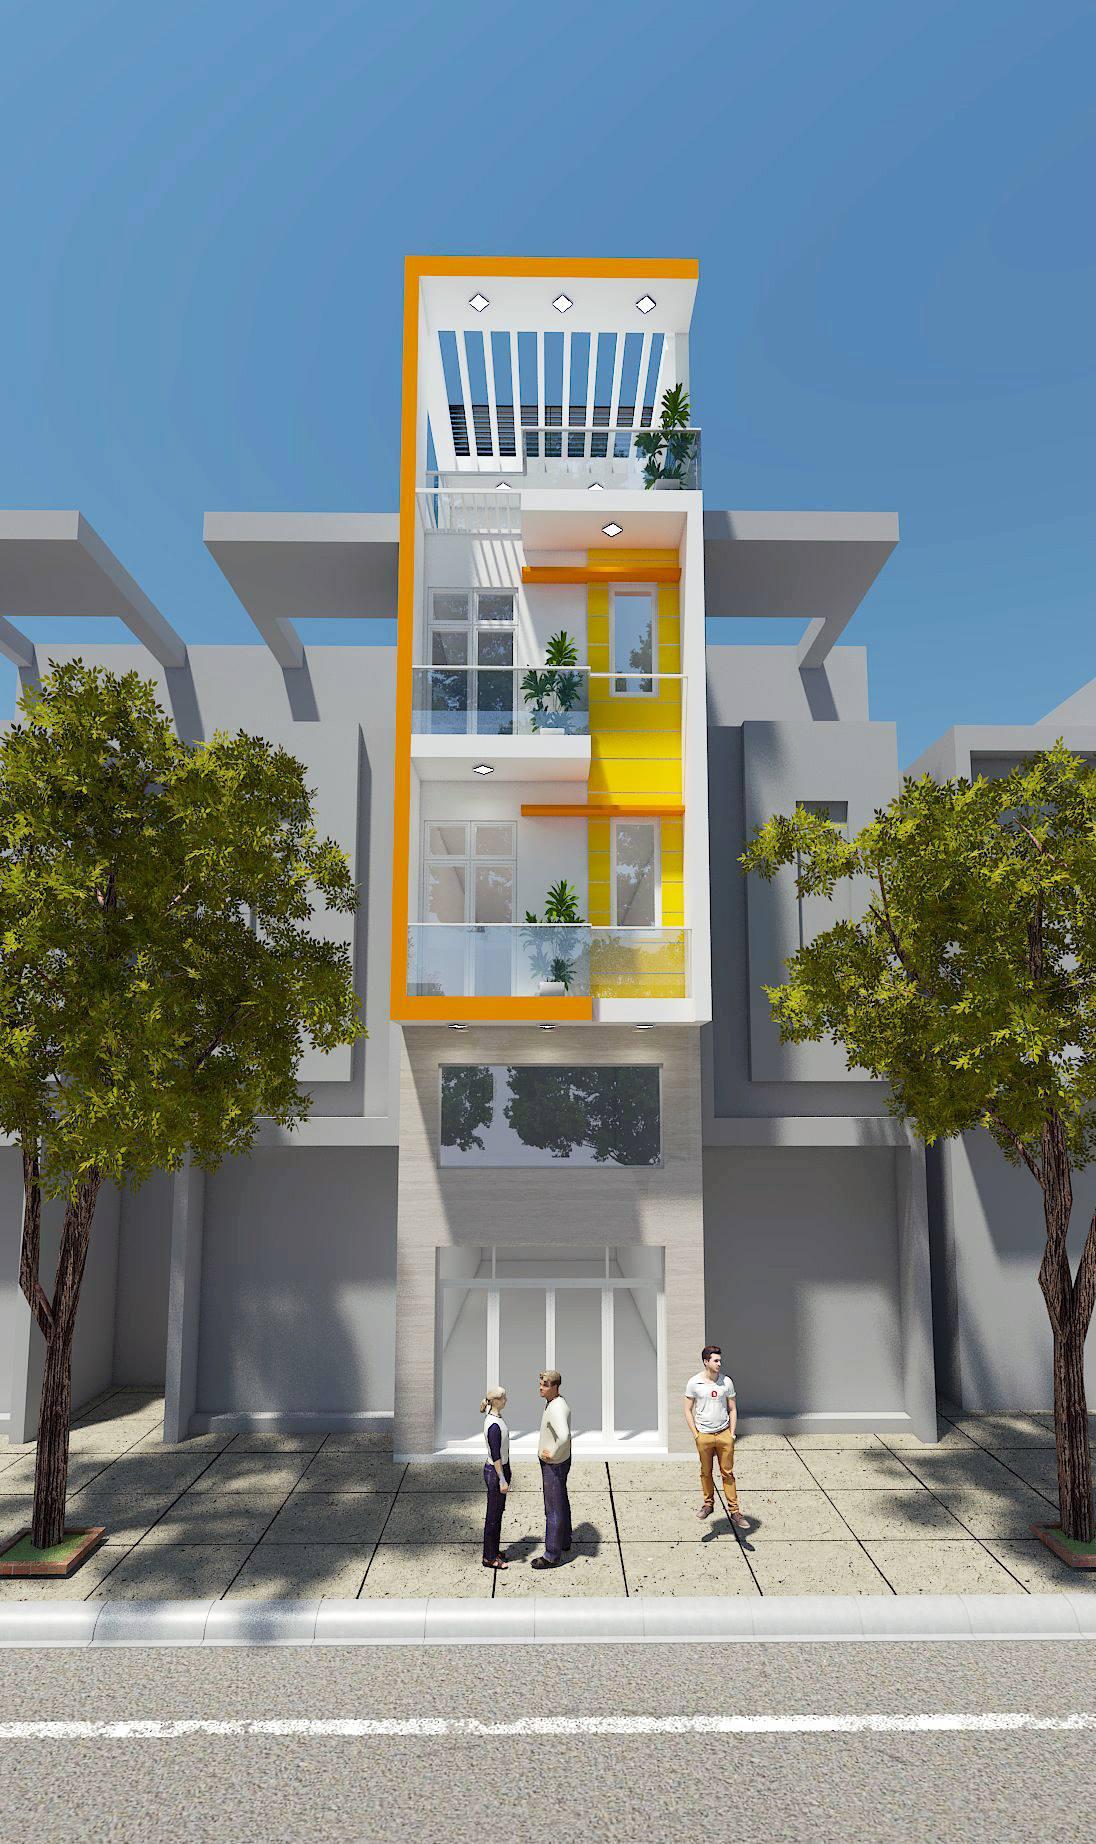 Thiết kế nhà phố cửa sổ kiểu Pháp